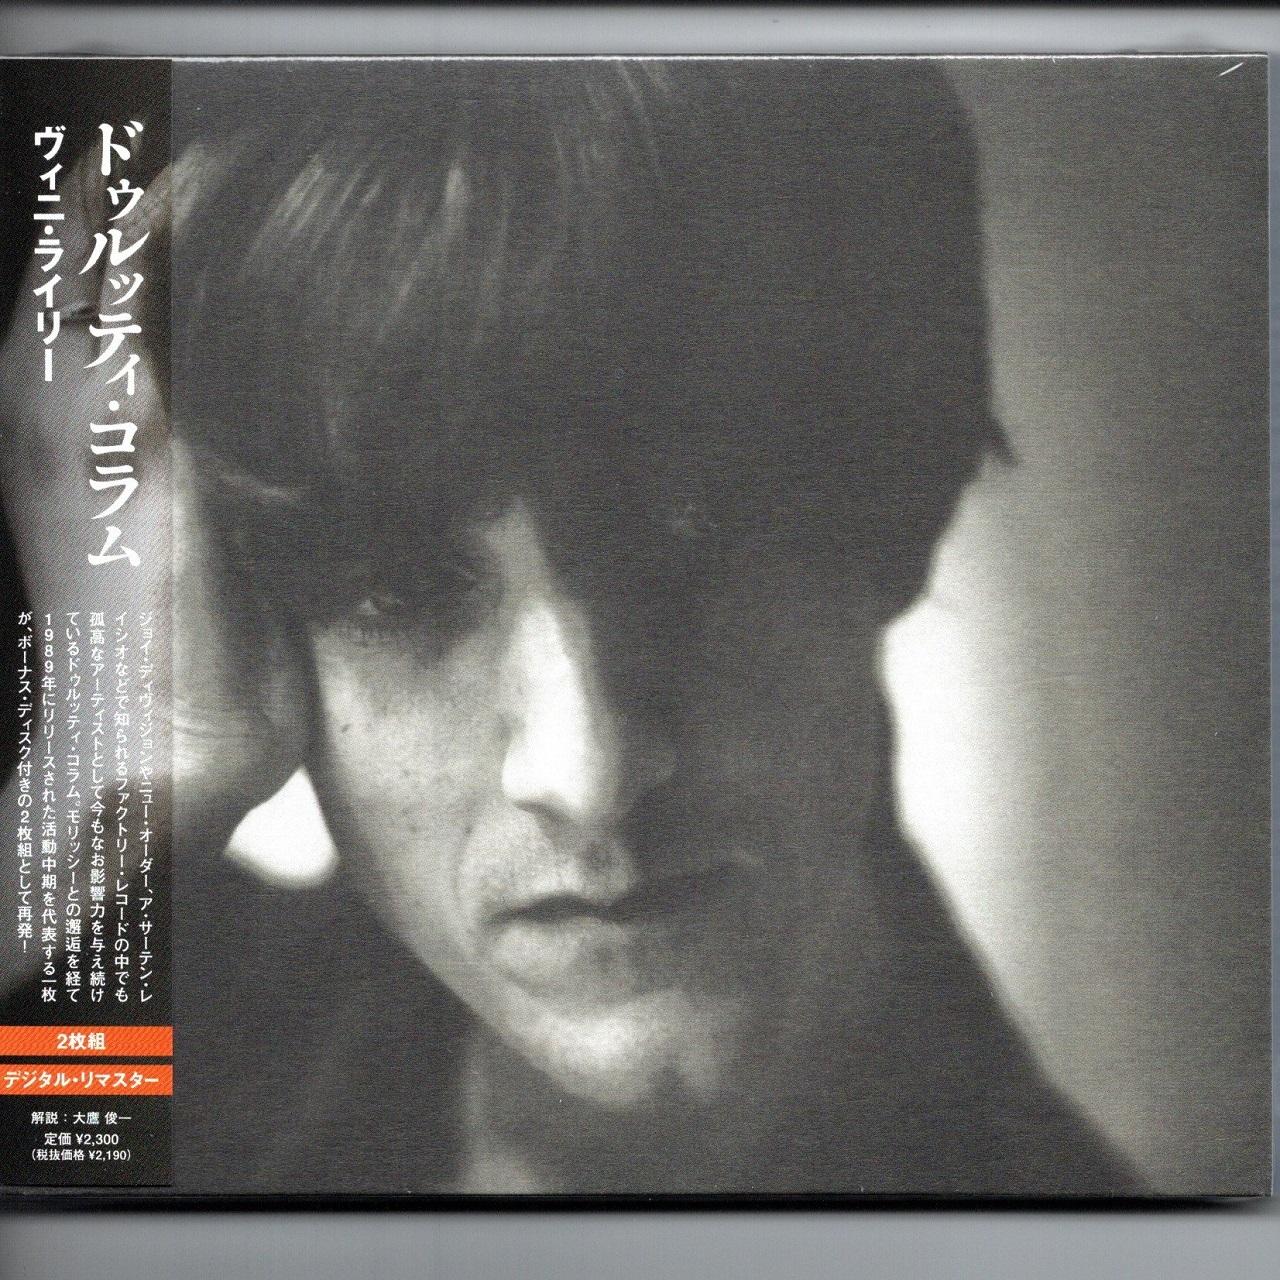 【CD・国内盤】 ドゥルッティ・コラム  /  ヴィニ・ライリー